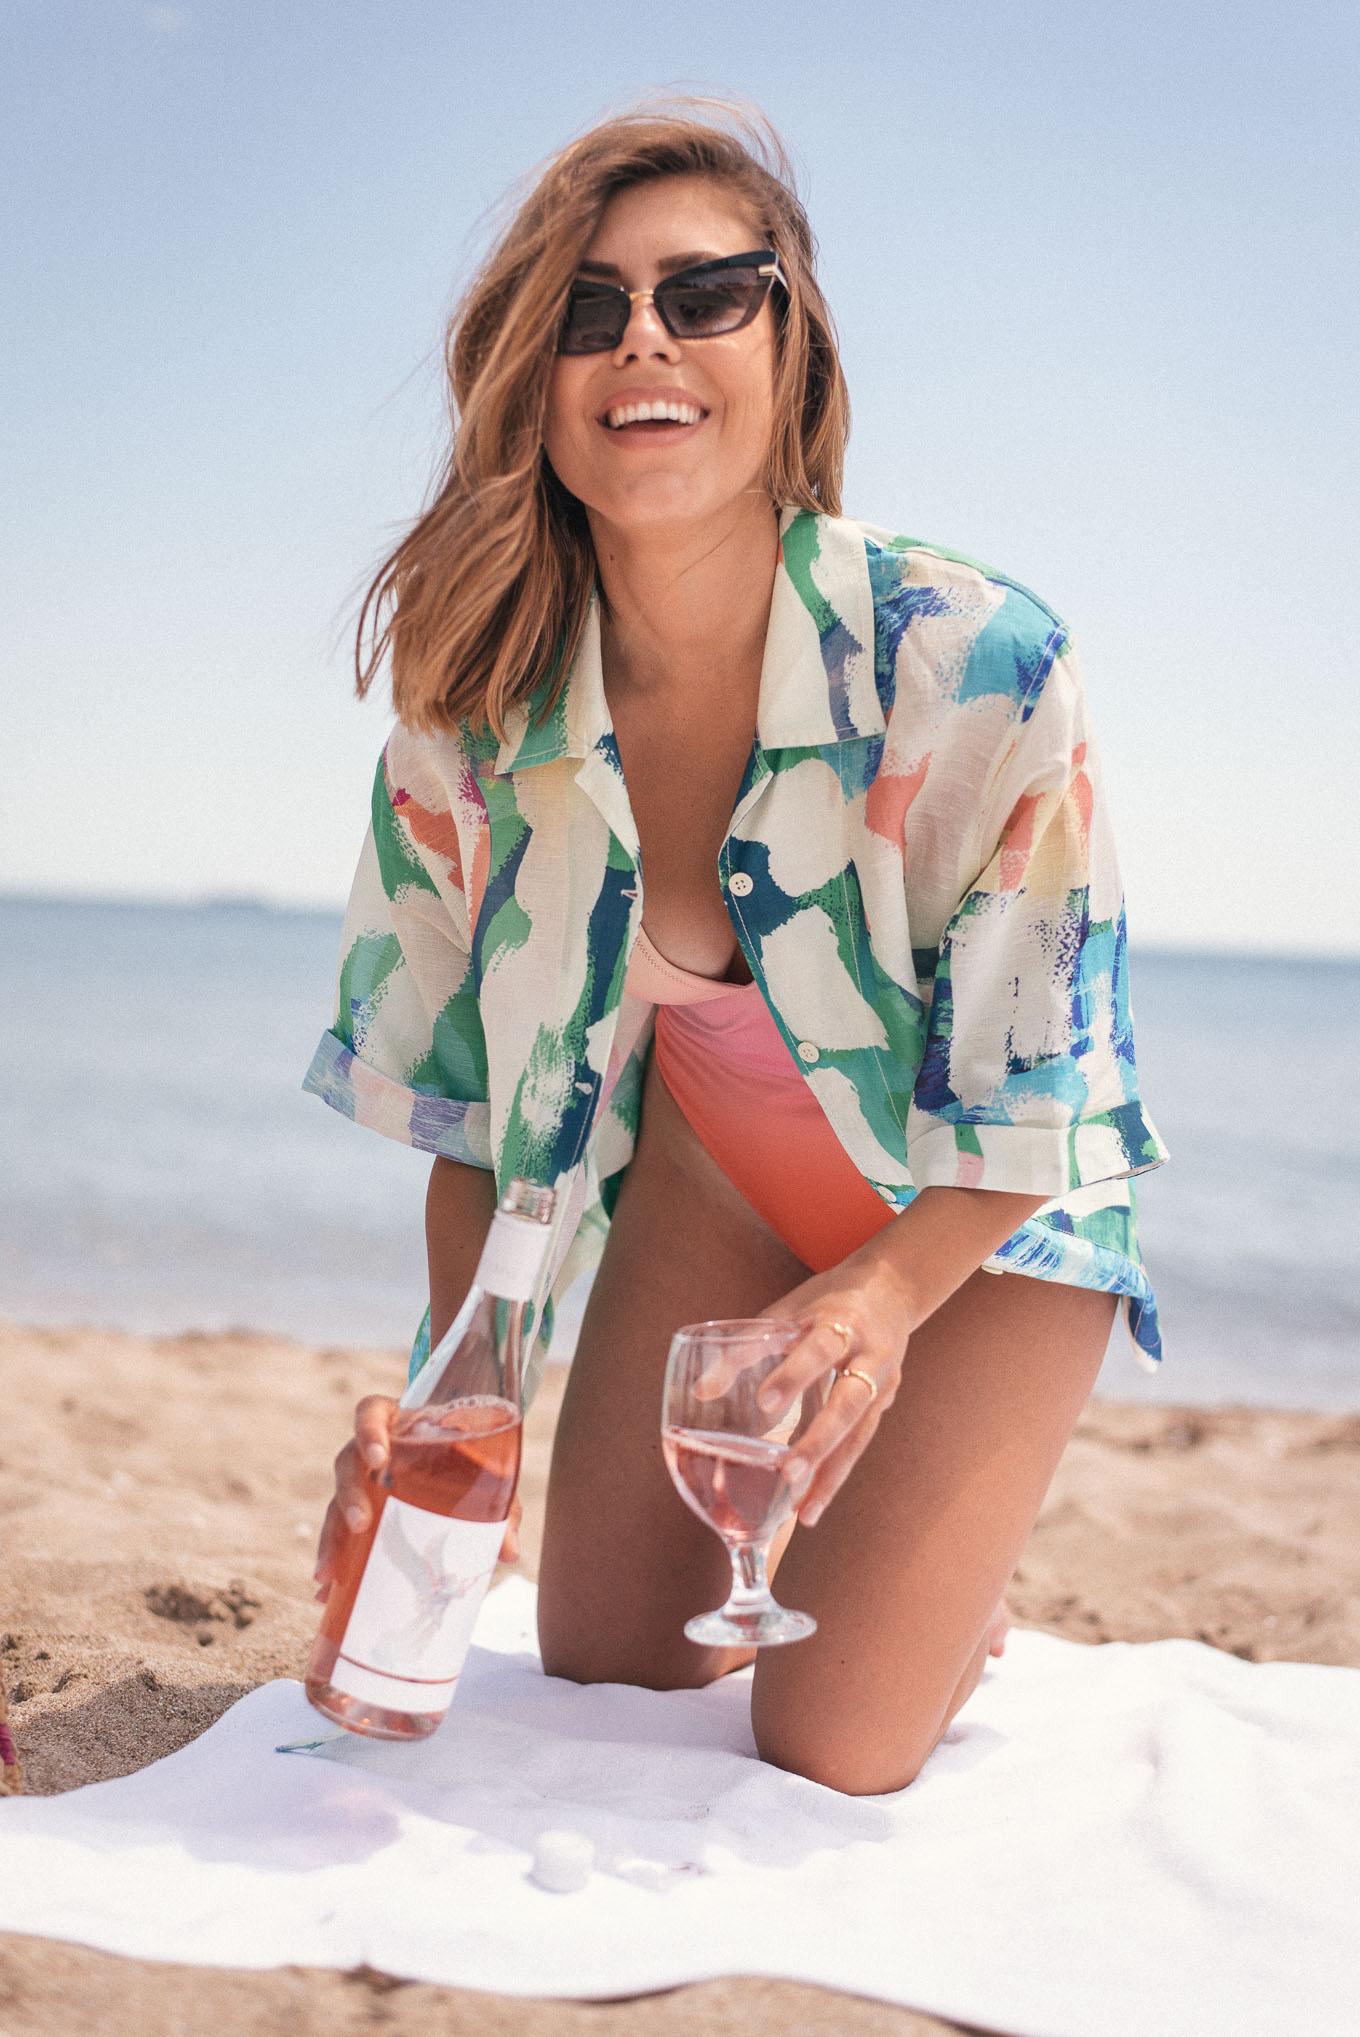 H&M beach swimwear swimsuit